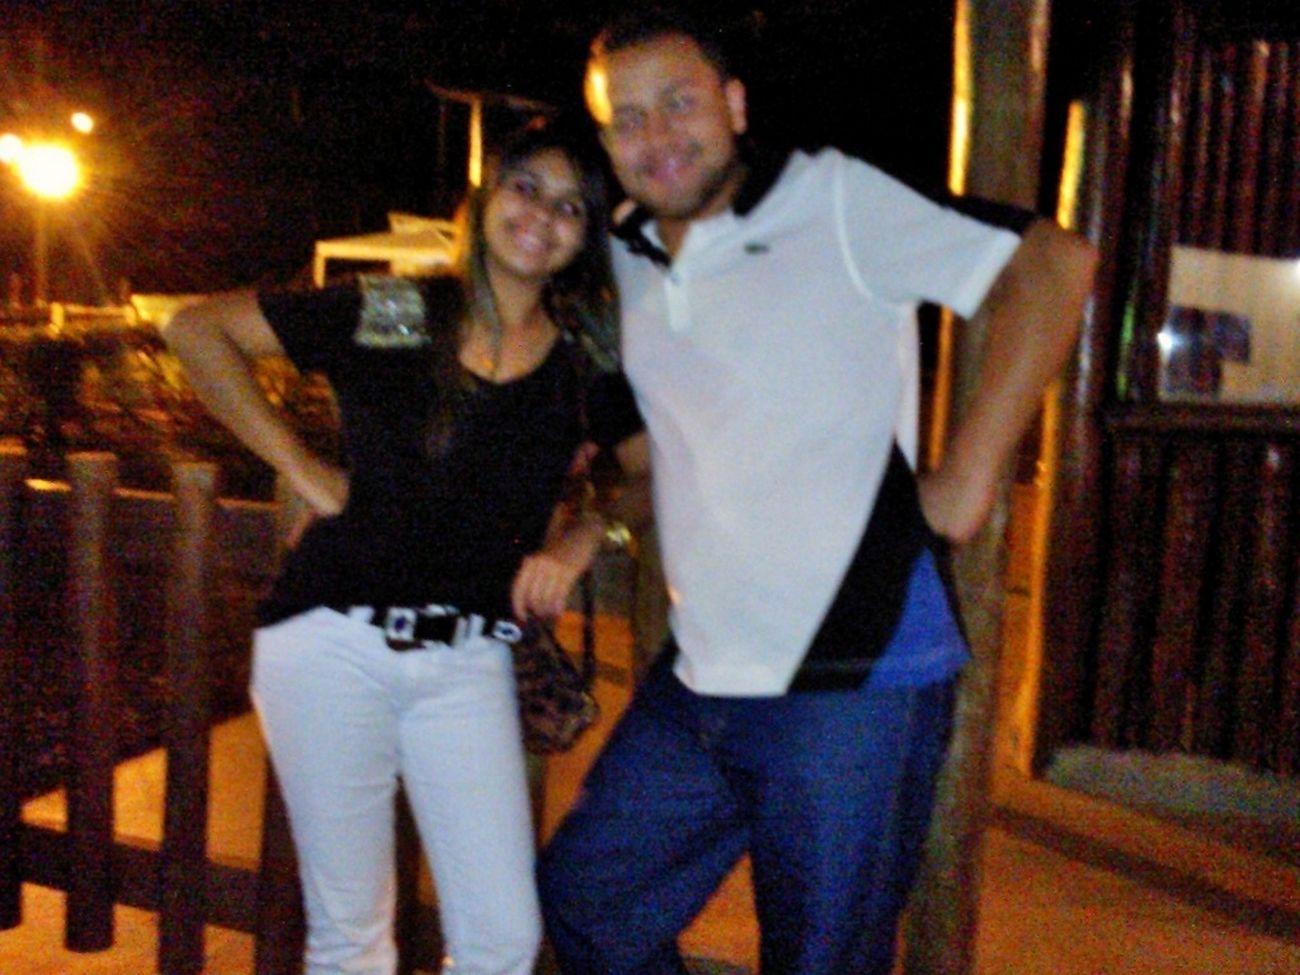 #FeciagroFaiada#MelhordosMelhores